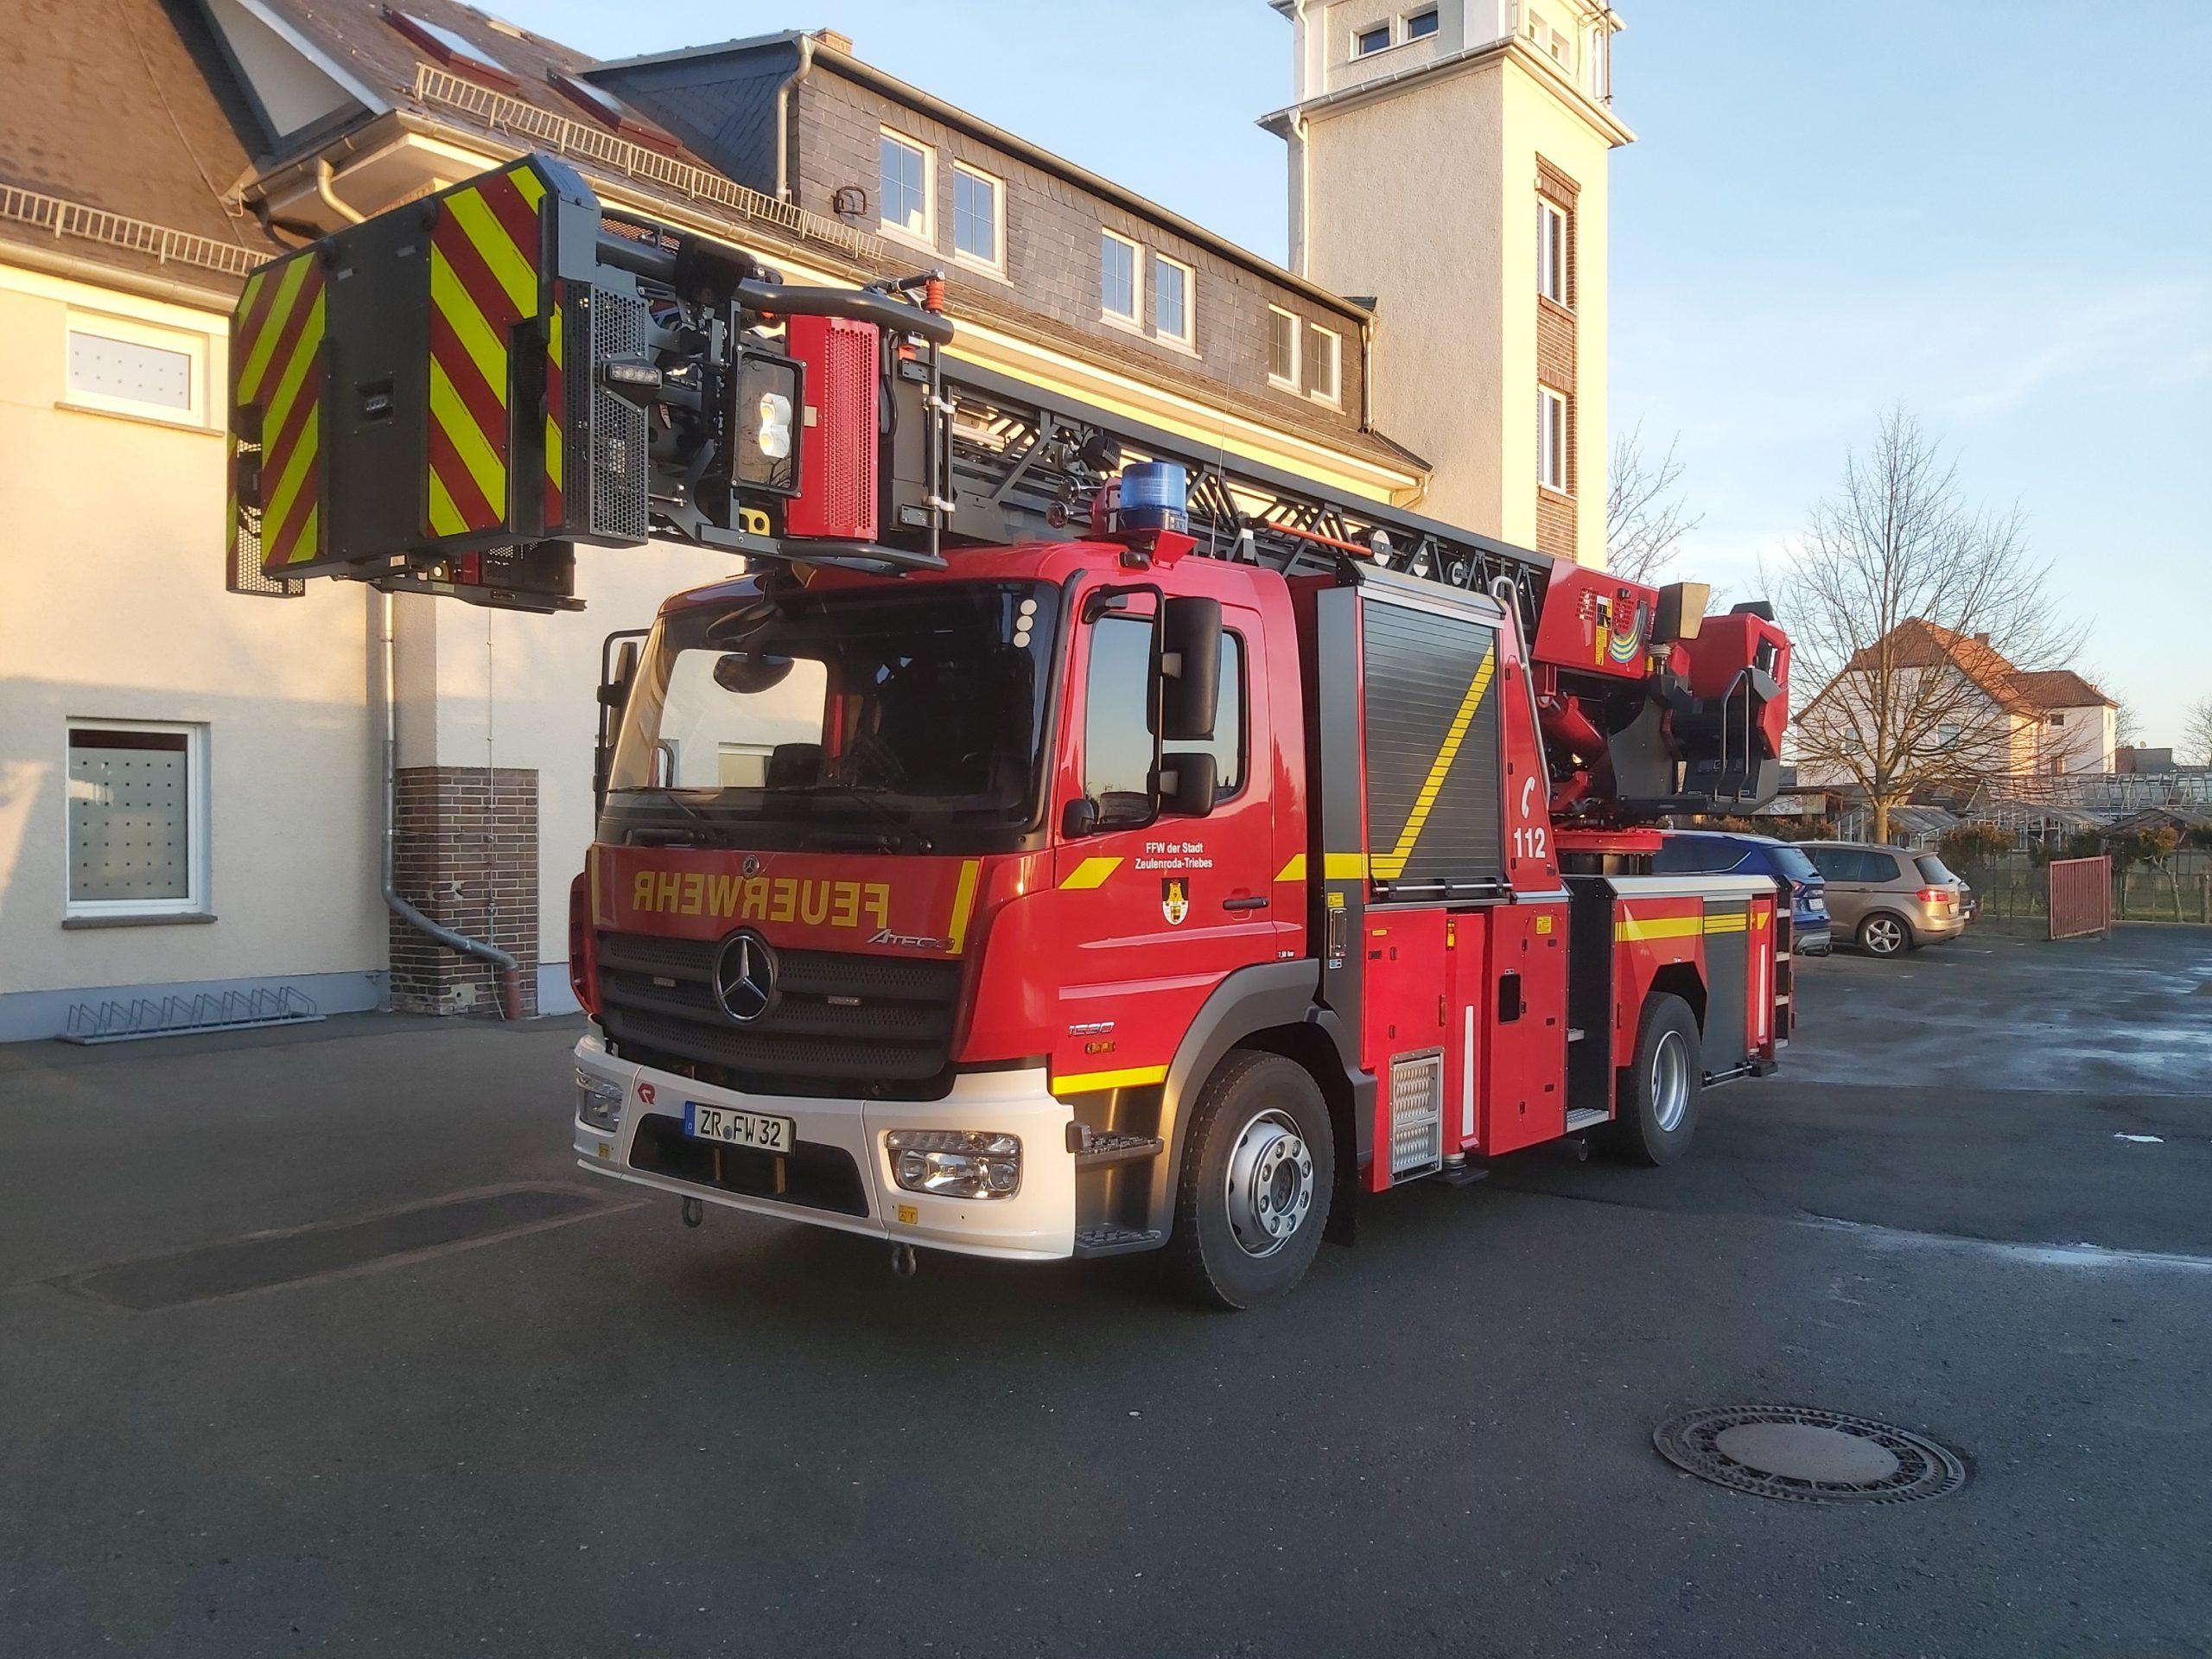 50 Jahre altes Feuerwehrfahrzeug geht in den Ruhestand